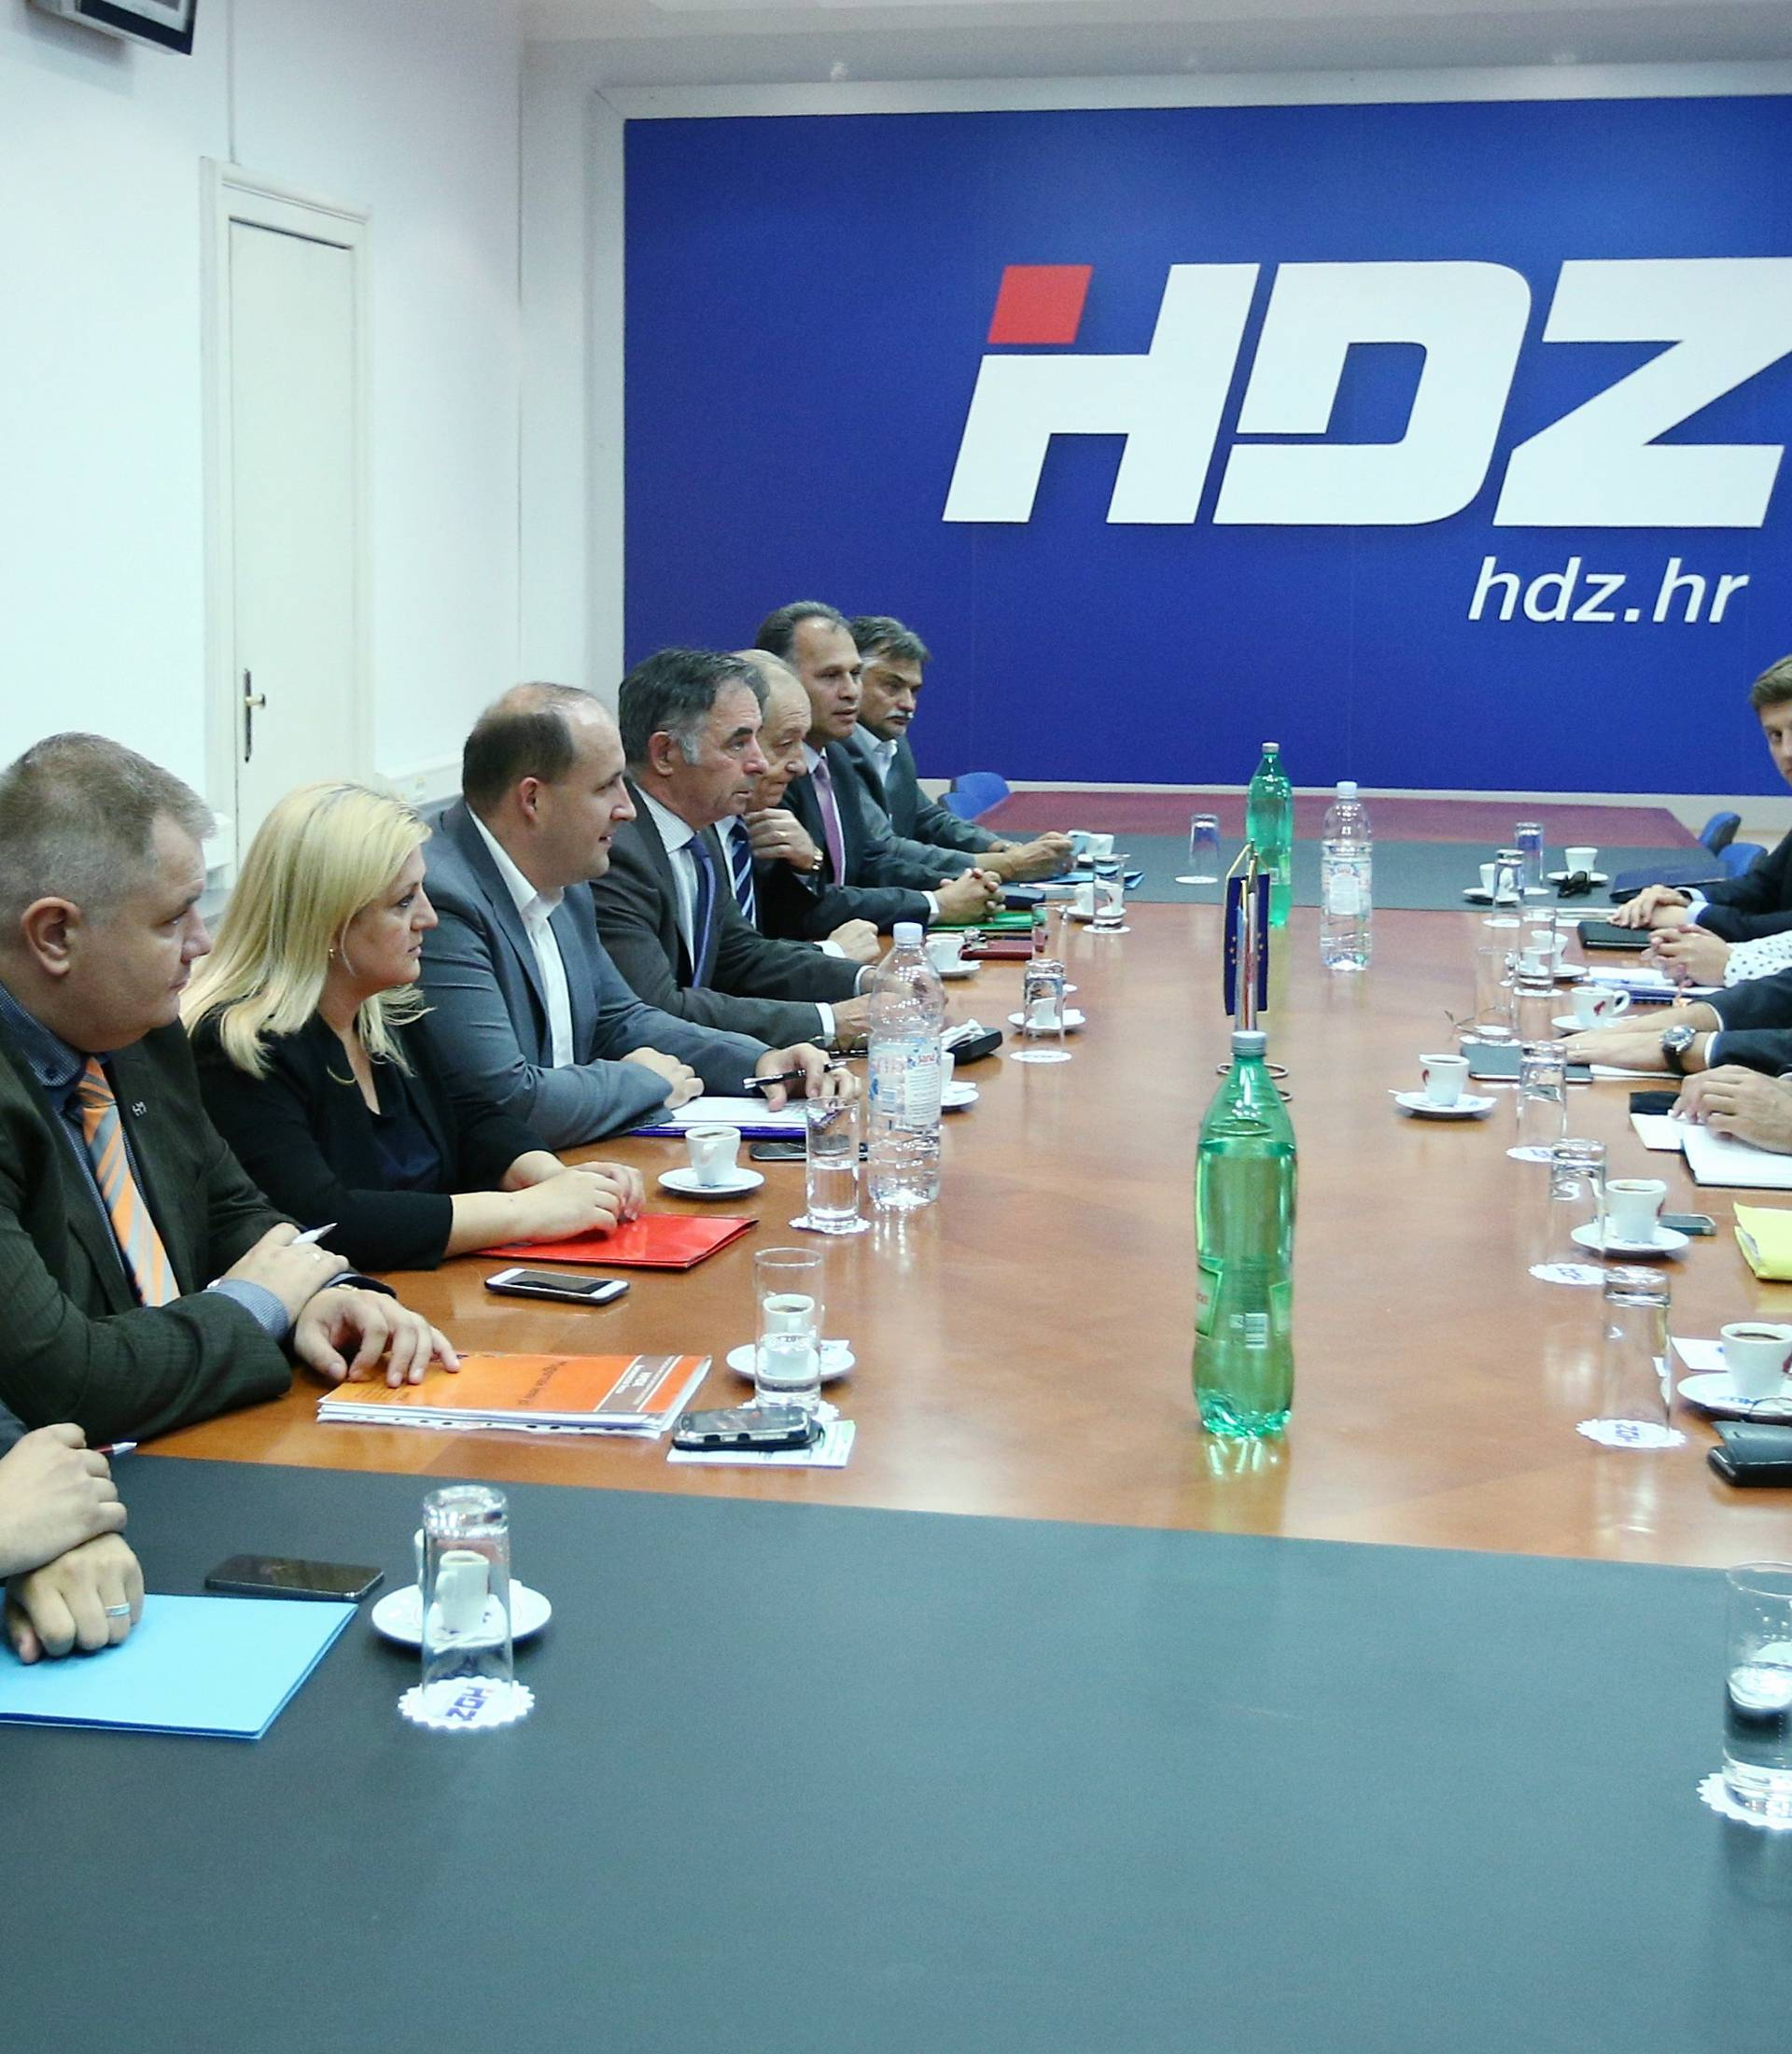 Novom metodom štednje HDZ  uštedio čak 7,2 milijuna kuna